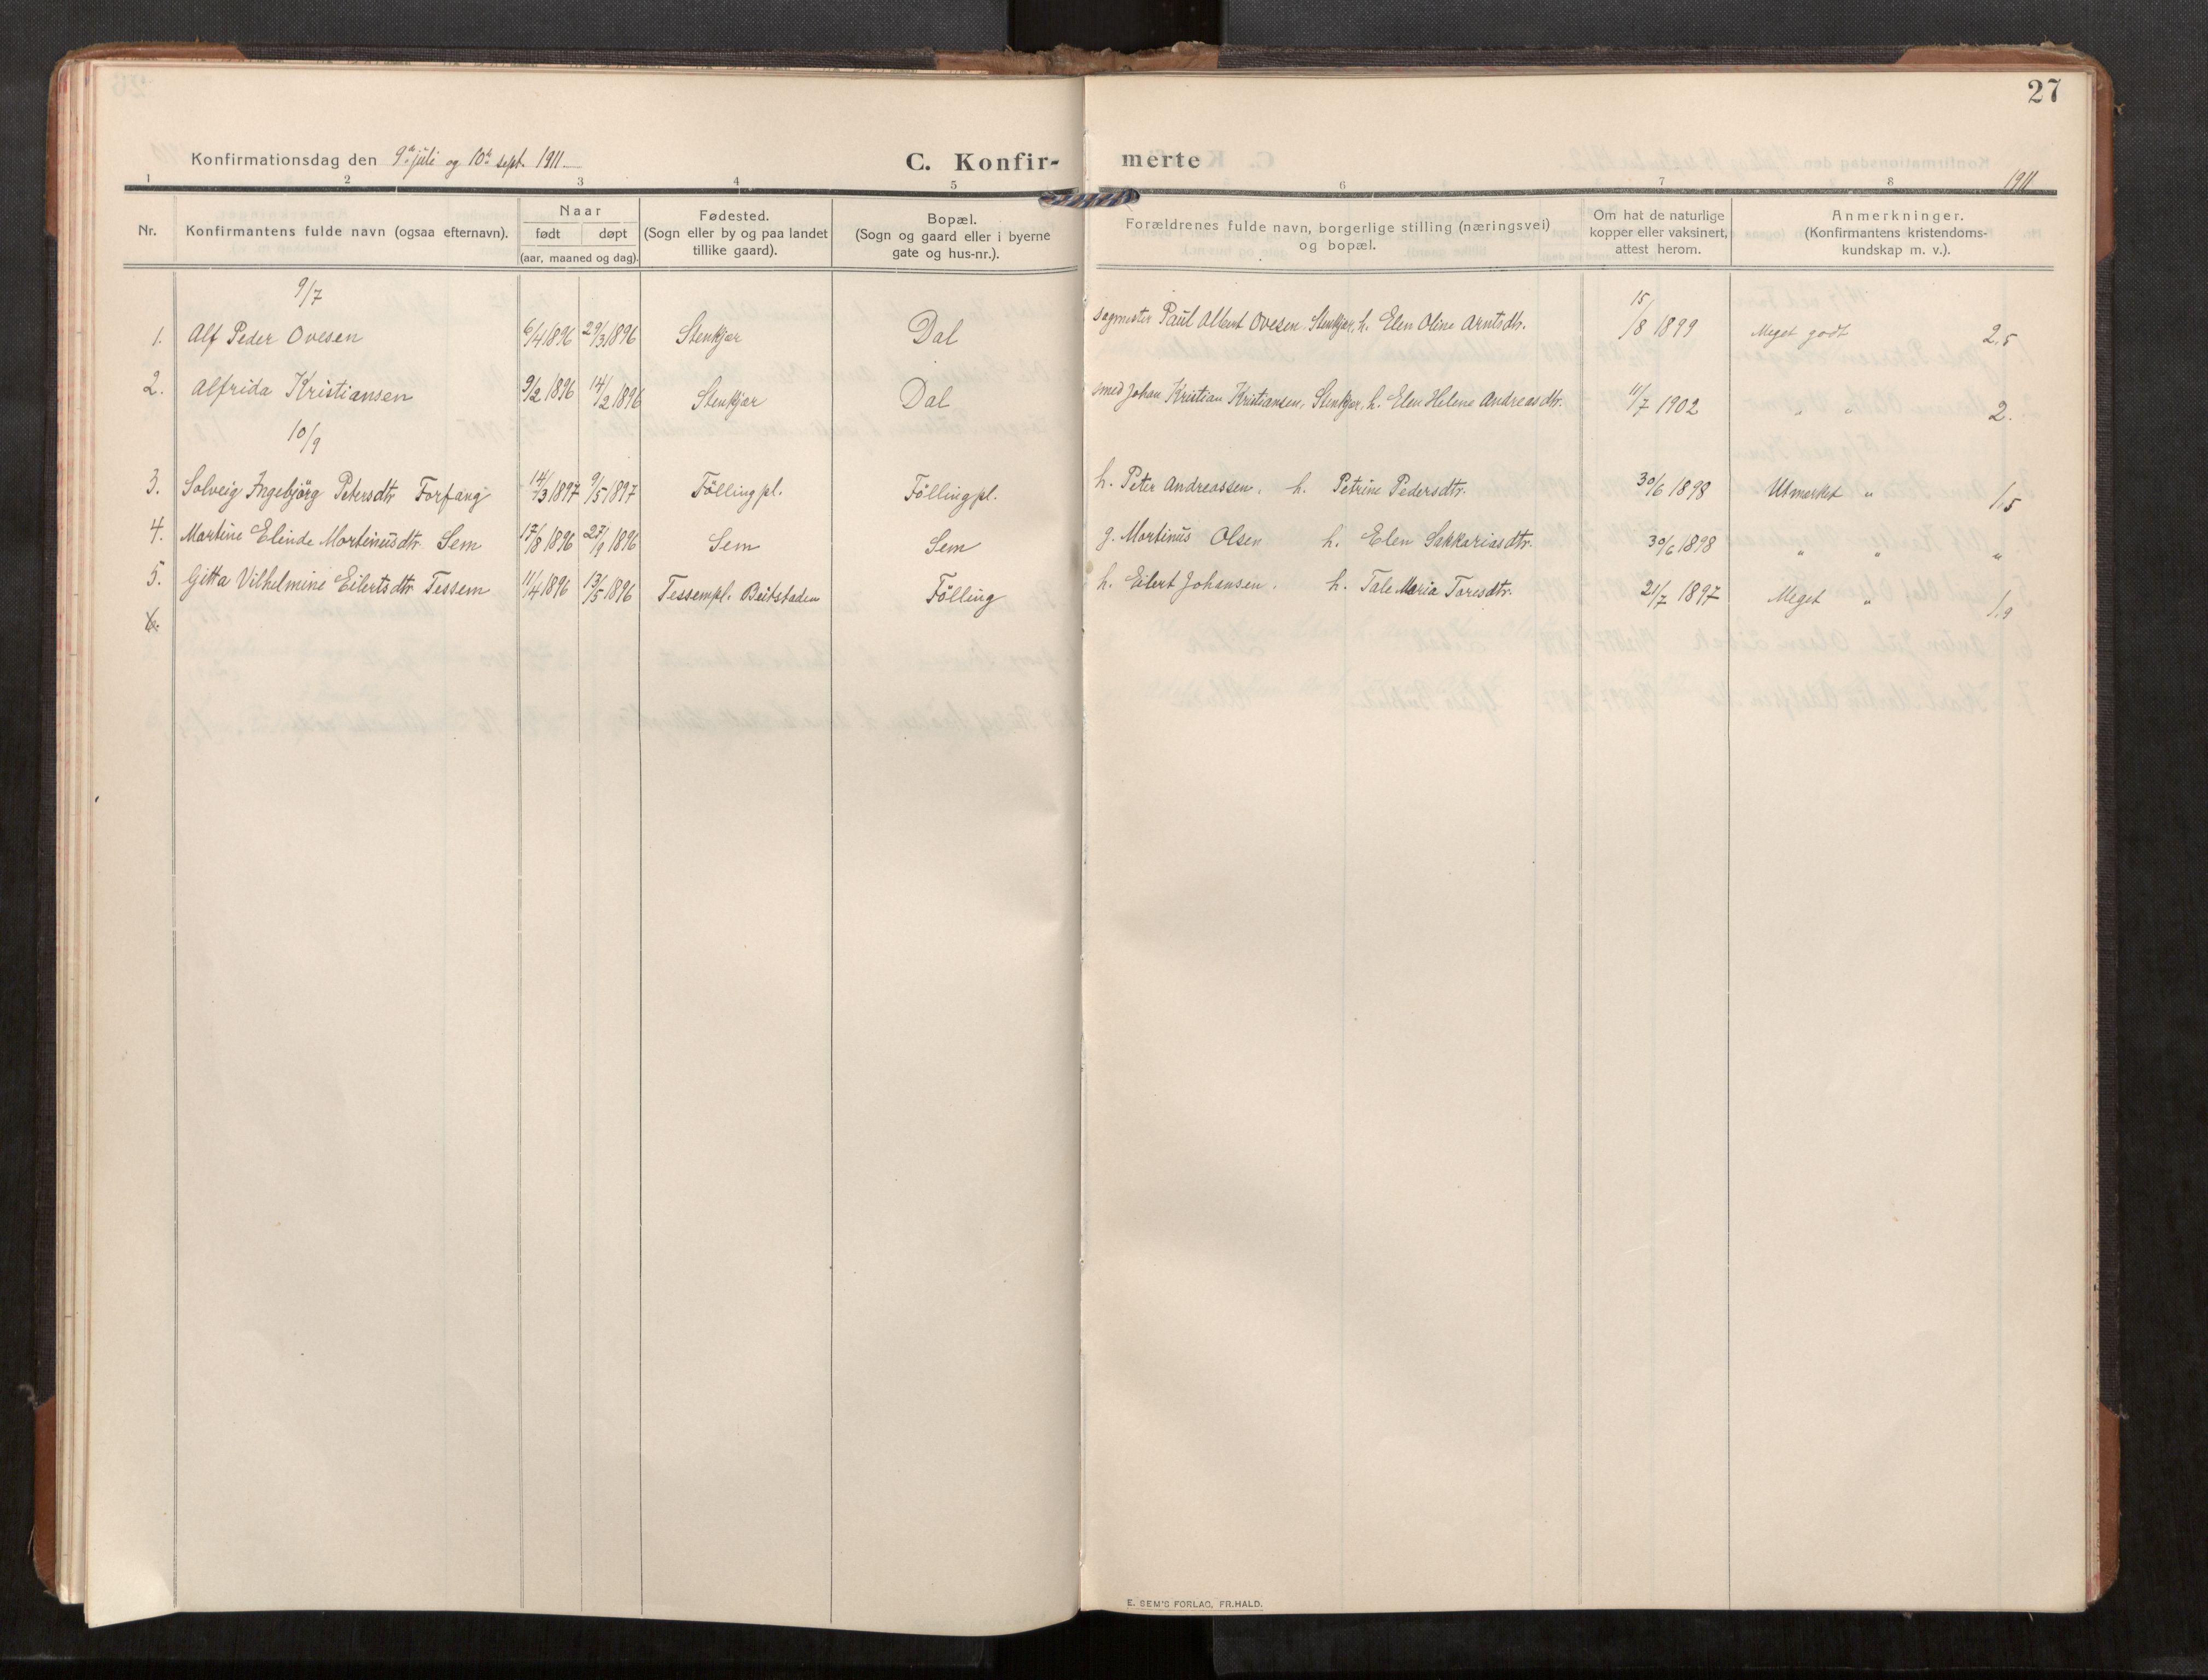 SAT, Stod sokneprestkontor, I/I1/I1a/L0003: Parish register (official) no. 3, 1909-1934, p. 27